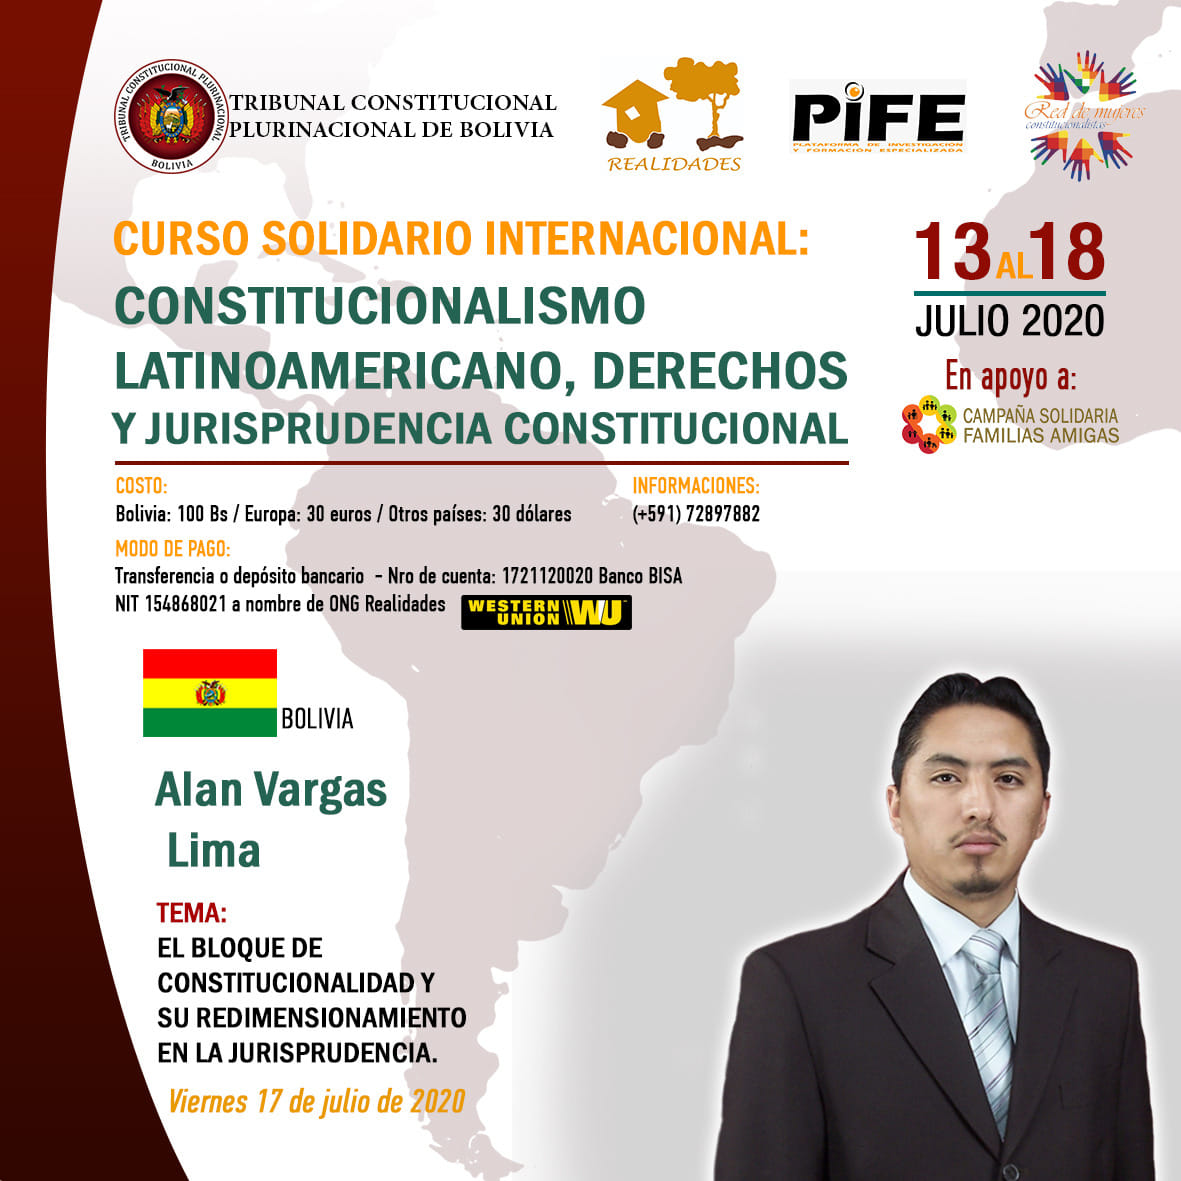 EL BLOQUE DE CONSTITUCIONALIDAD EN BOLIVIA